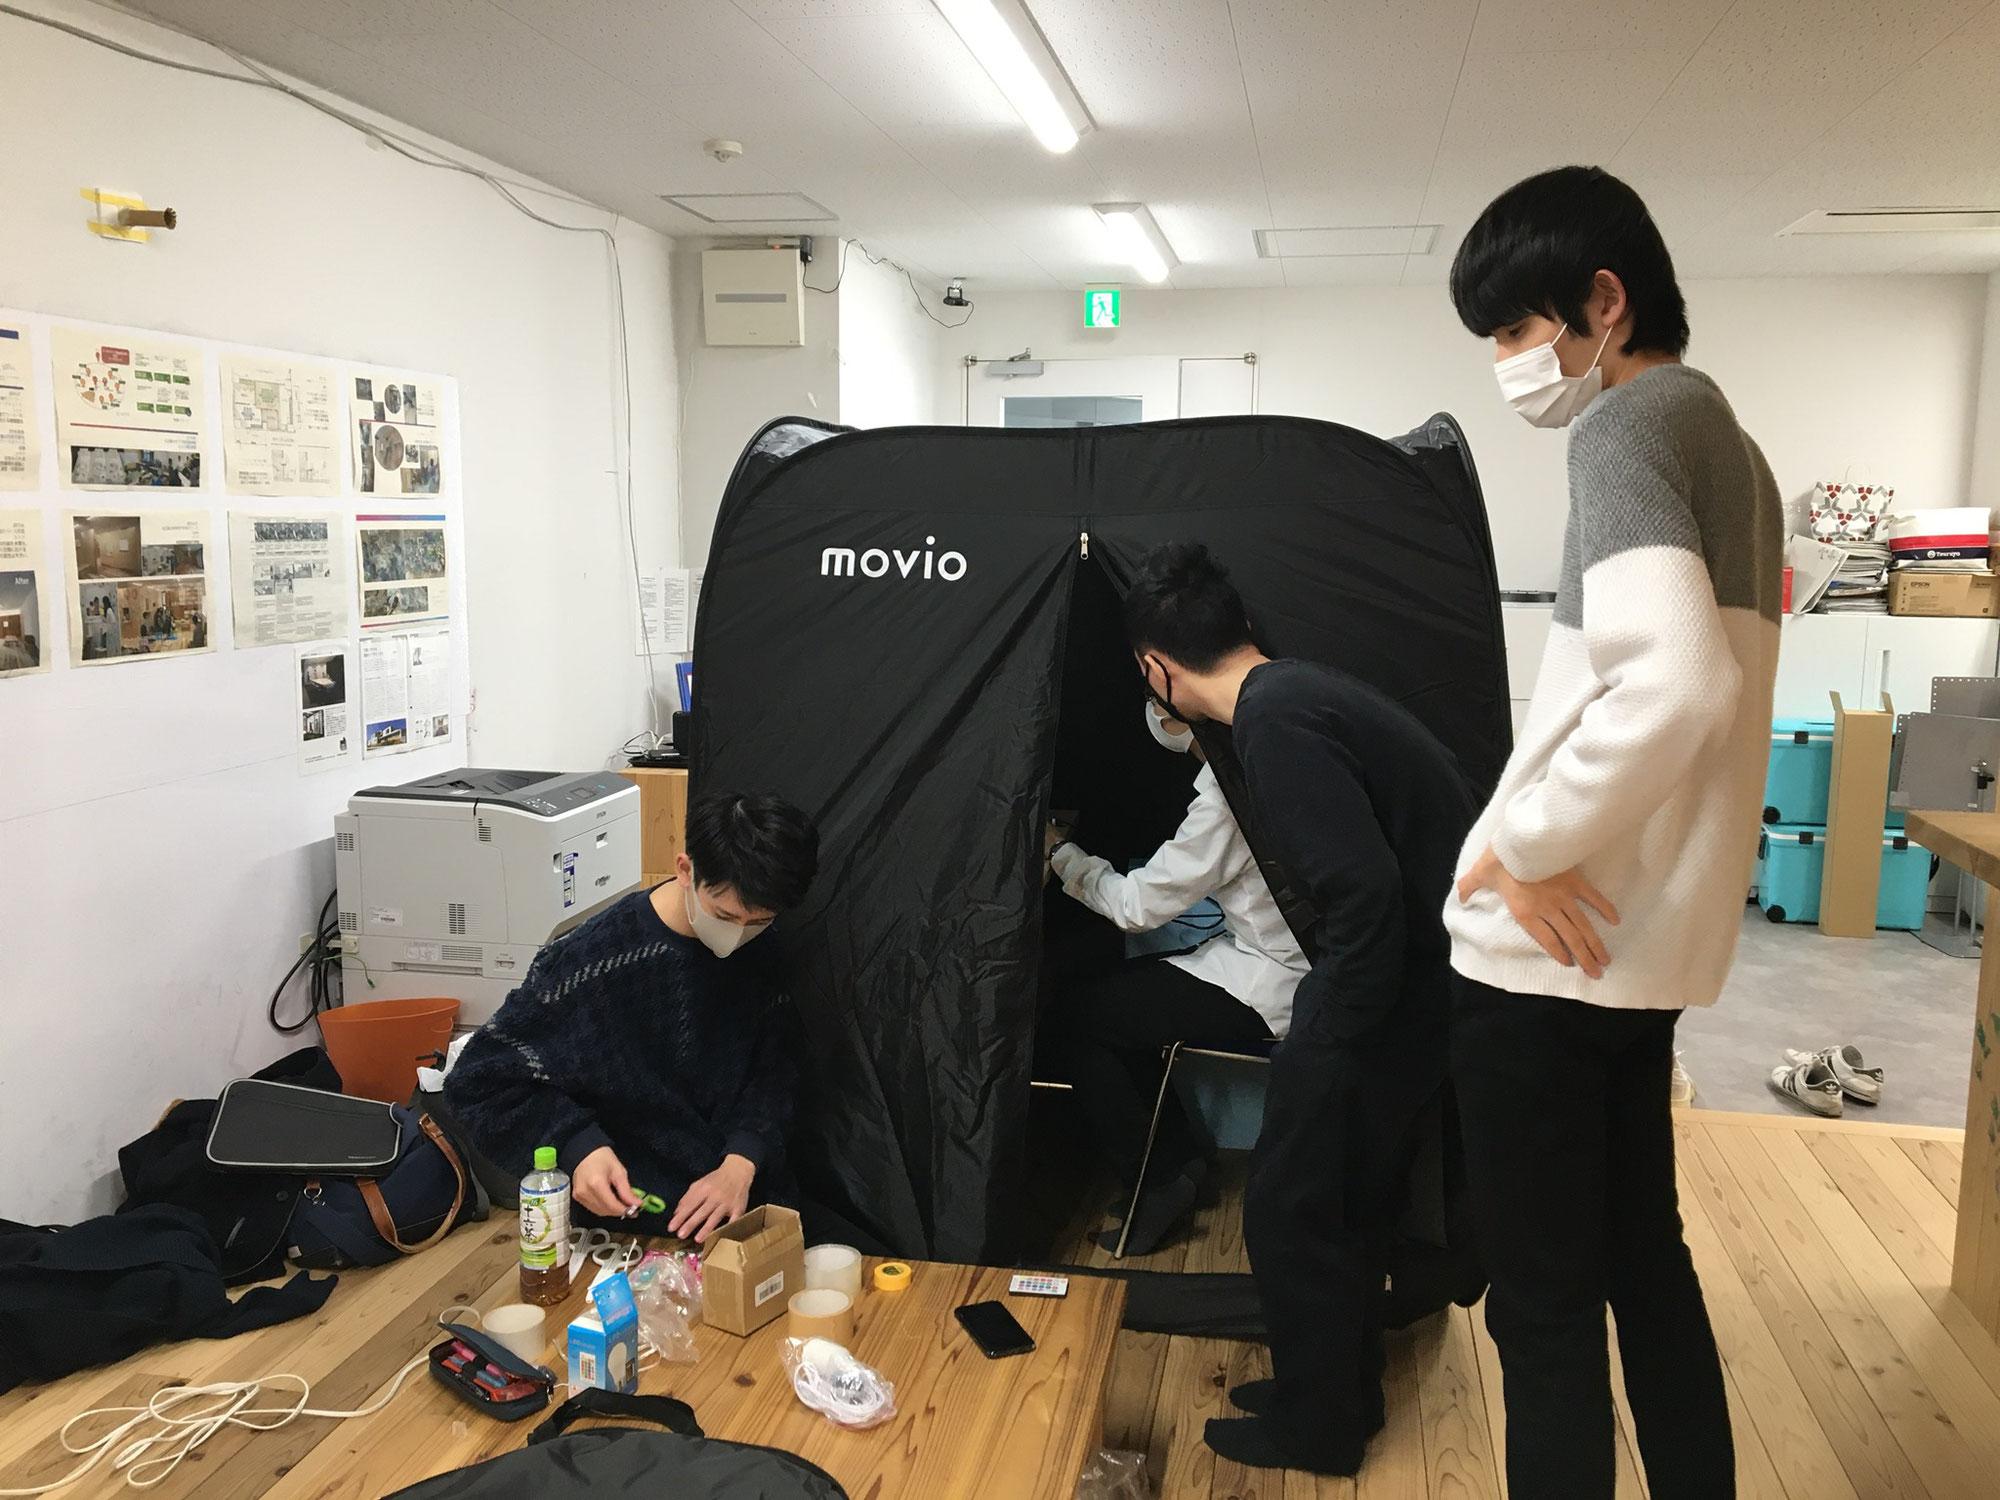 【ハウスイッチチーム 実証実験!】